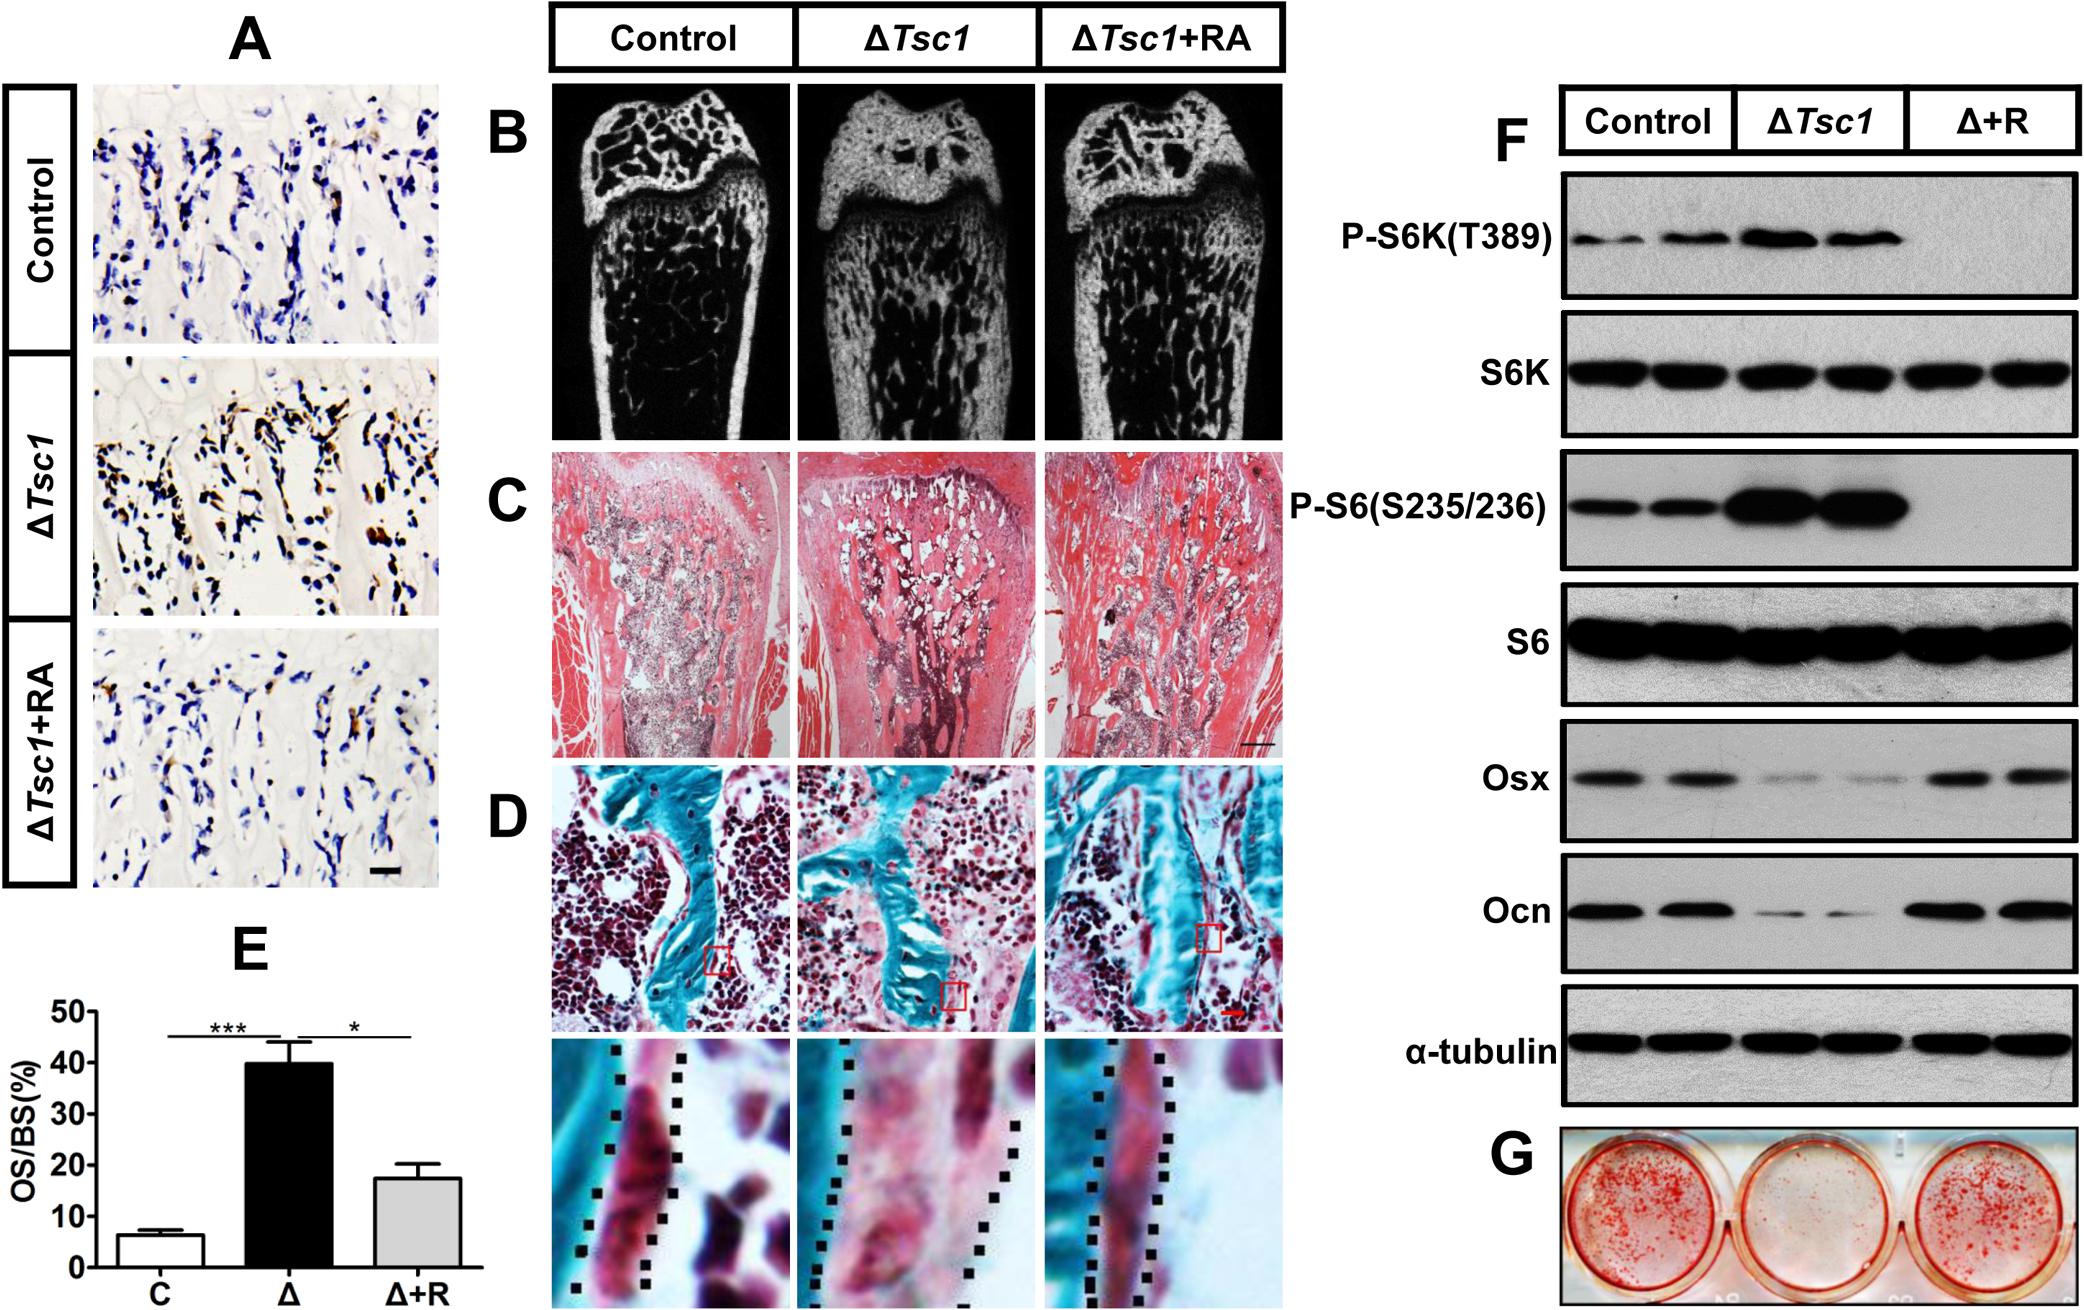 Rapamycin reverses phenotypes in Δ<i>Tsc1</i> mice.